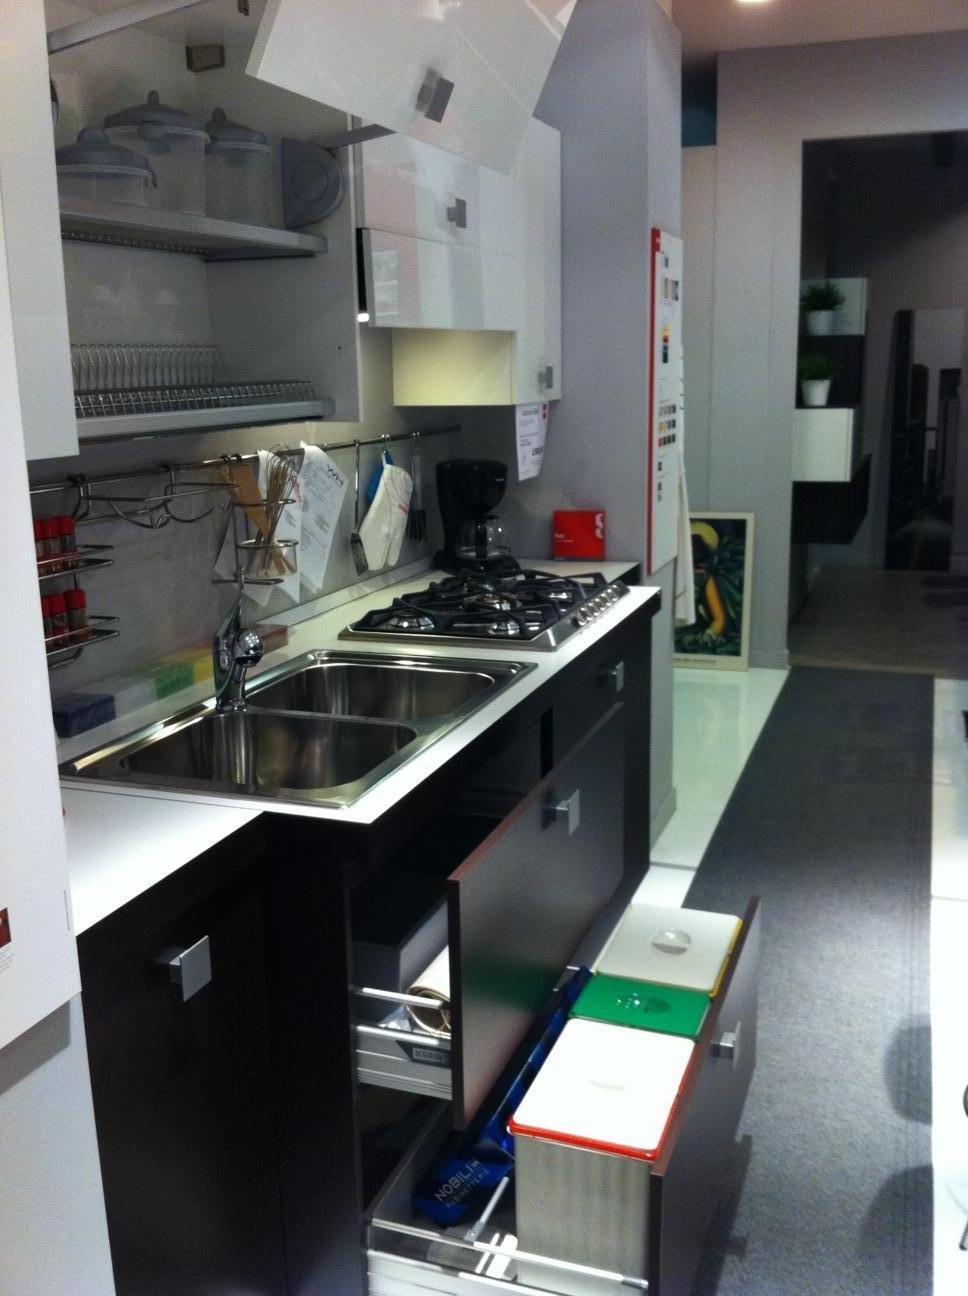 Scavolini Modello Sax 6630 - Cucine a prezzi scontati